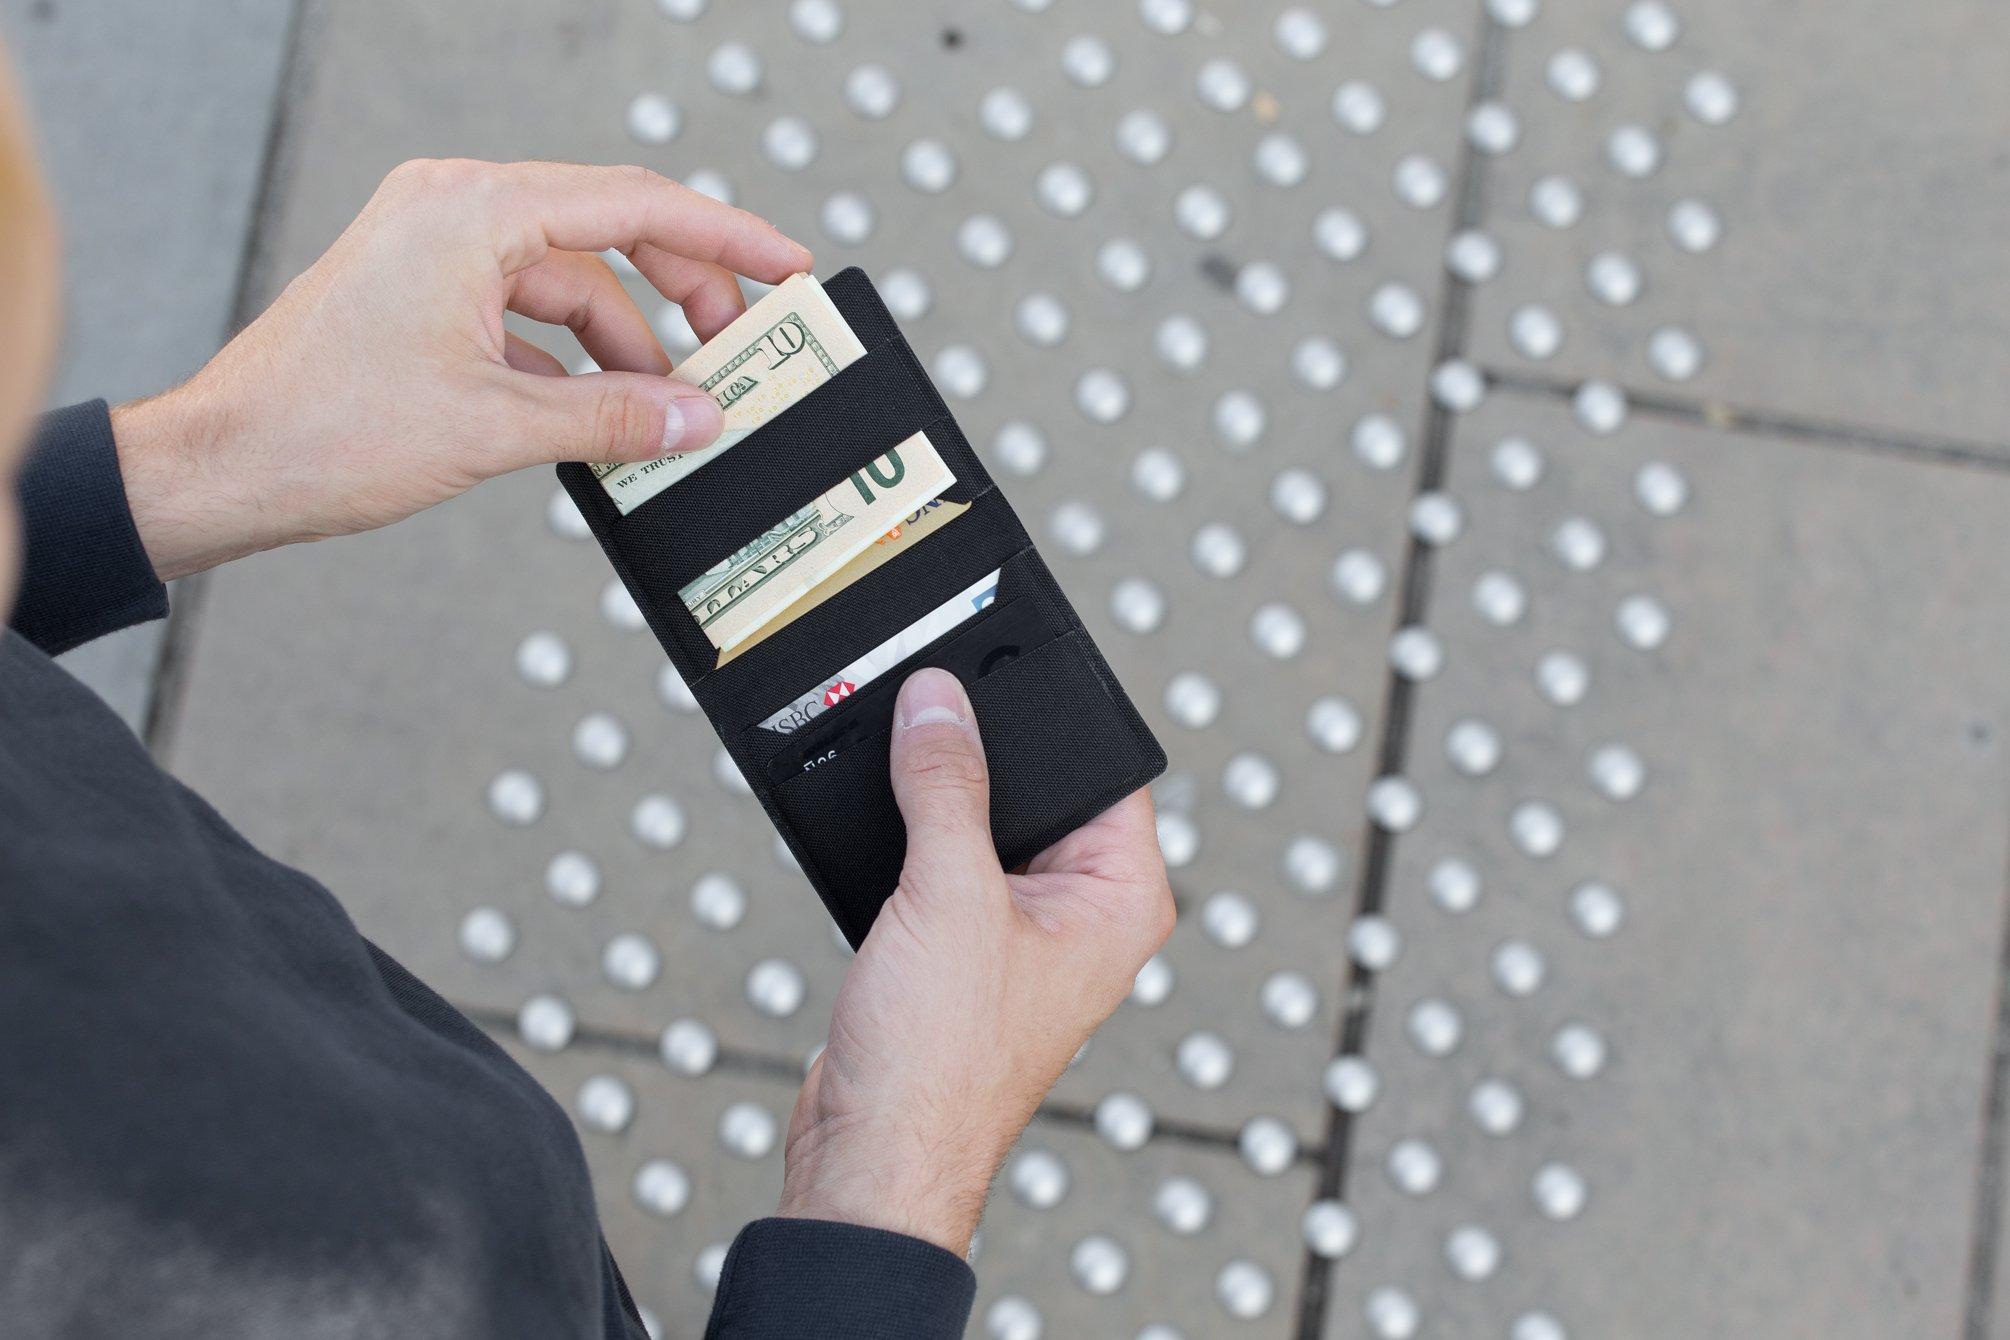 薄さ7mm、重さ17g。注目のWramer「ミニ財布」コーデュラ素材で耐久性も